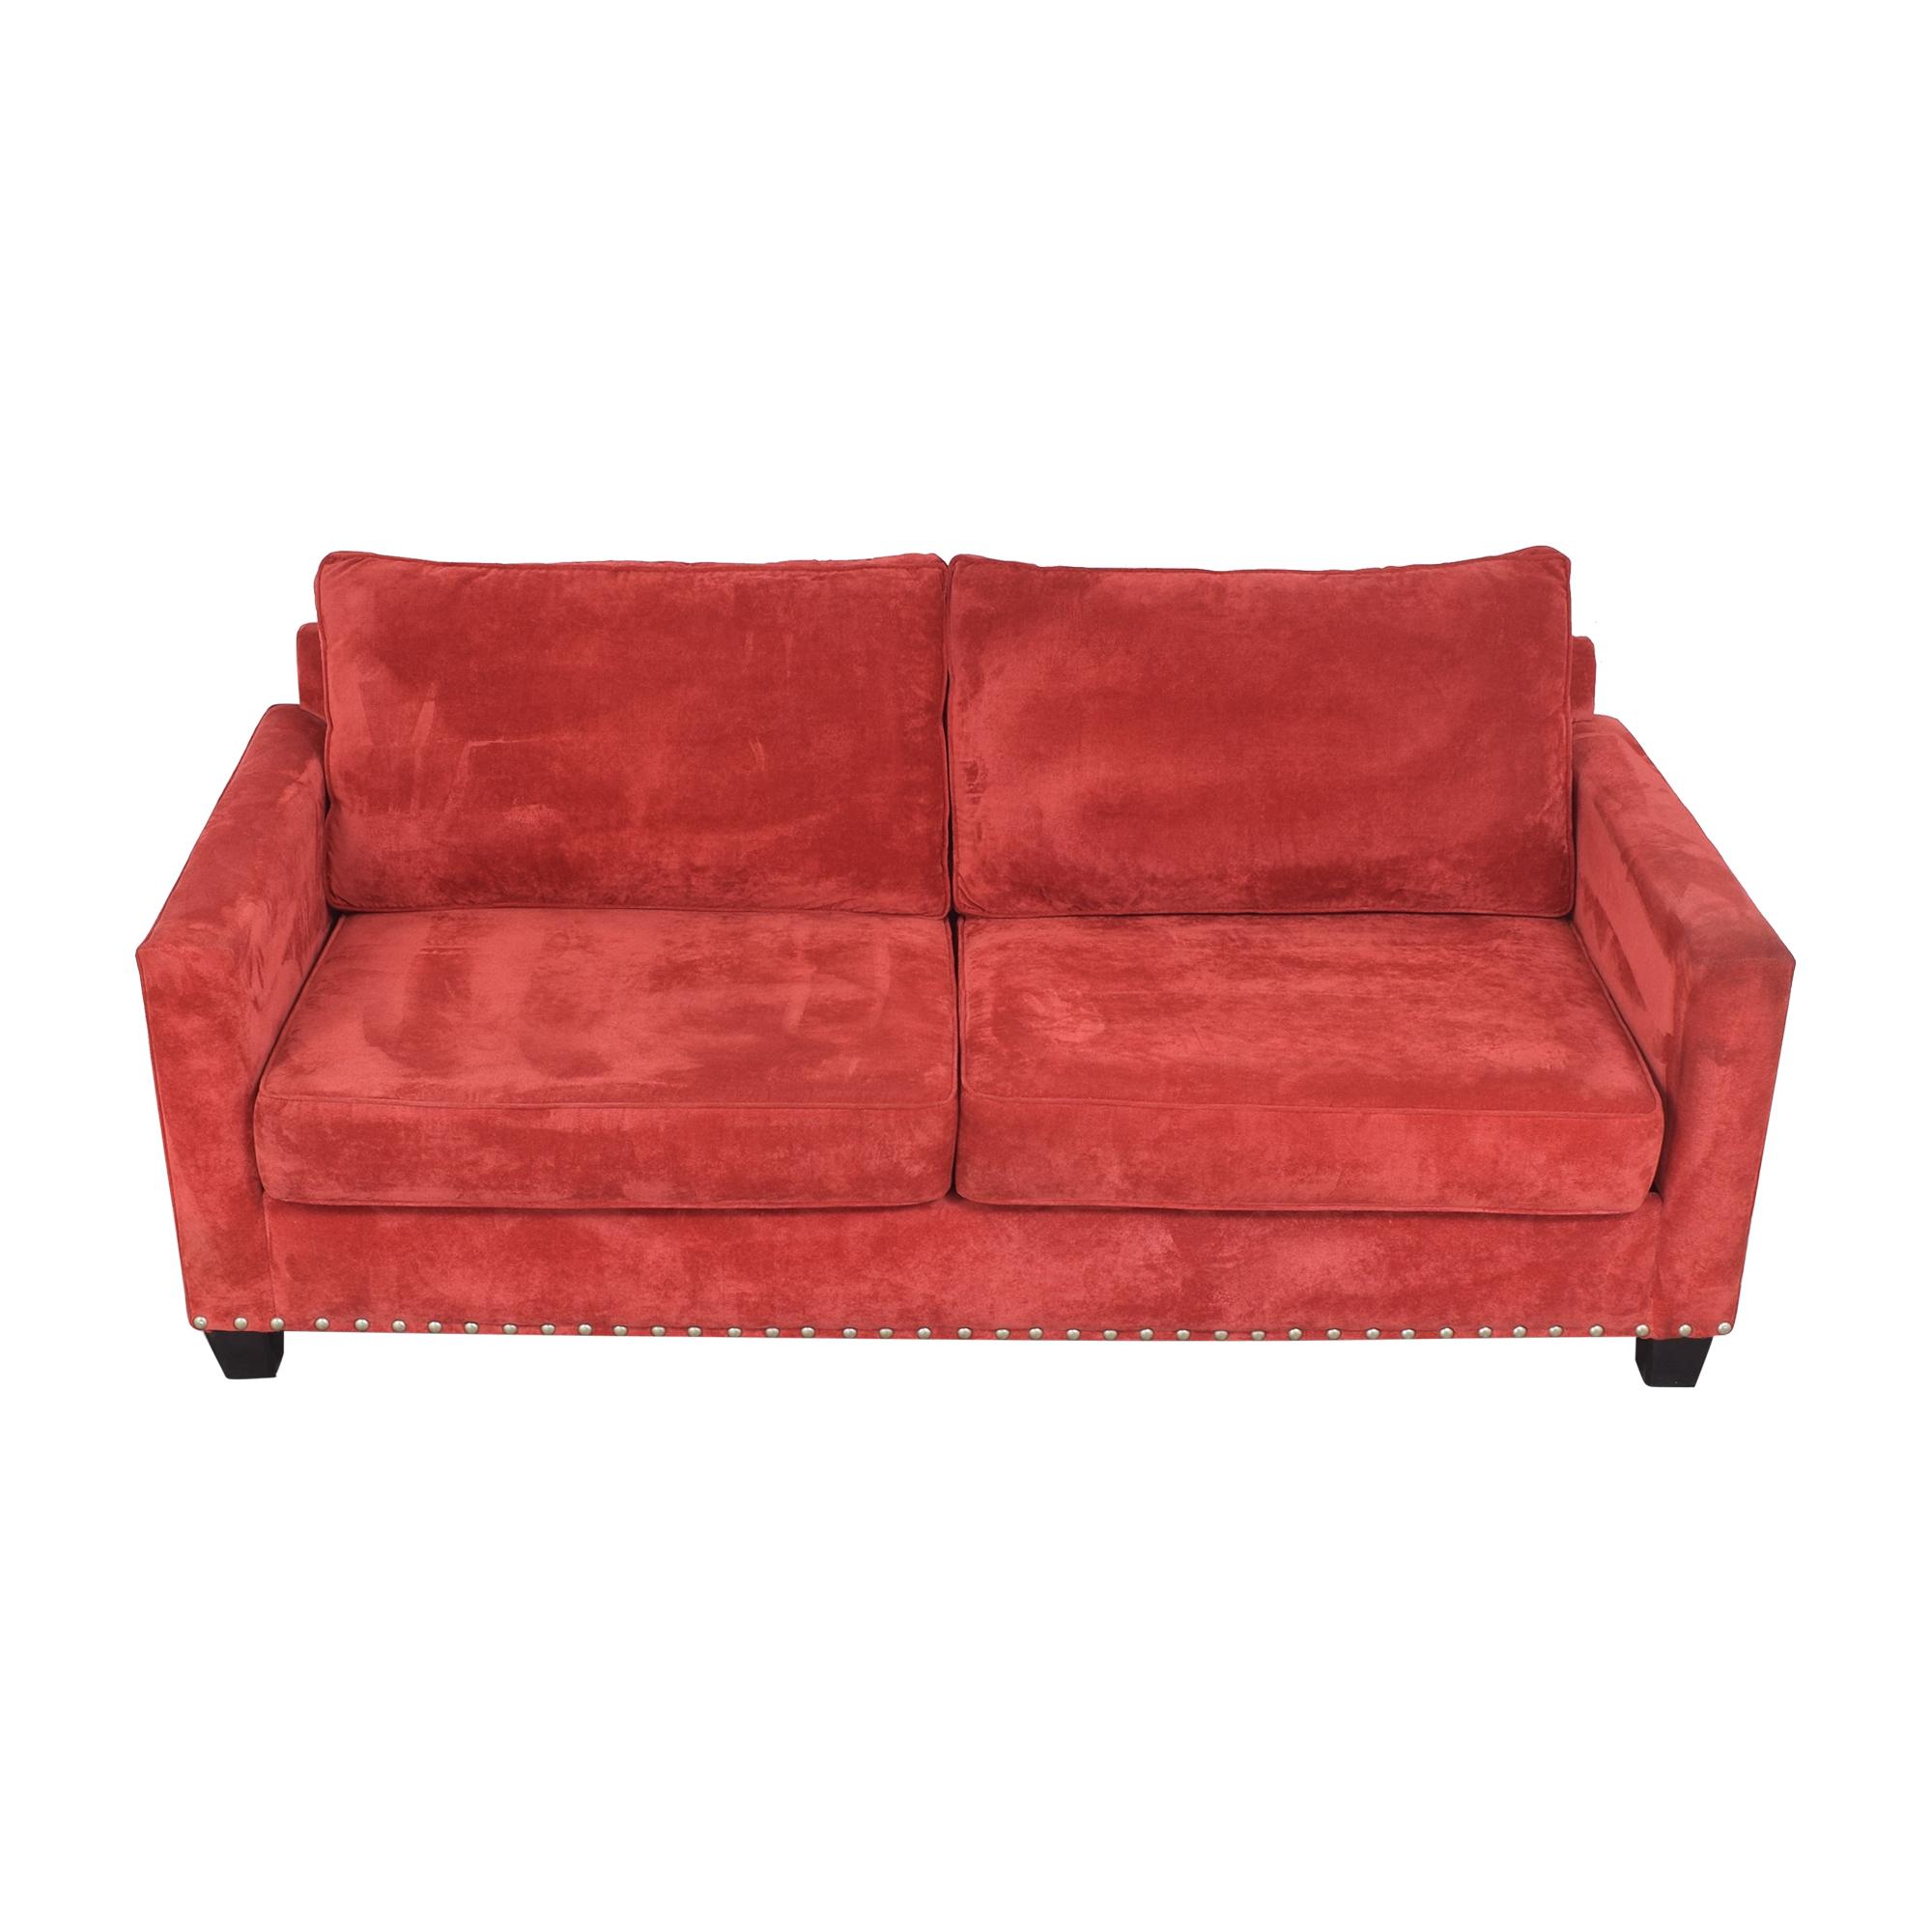 May Furniture May Furniture Nailhead Diamond Tufted Sofa coupon